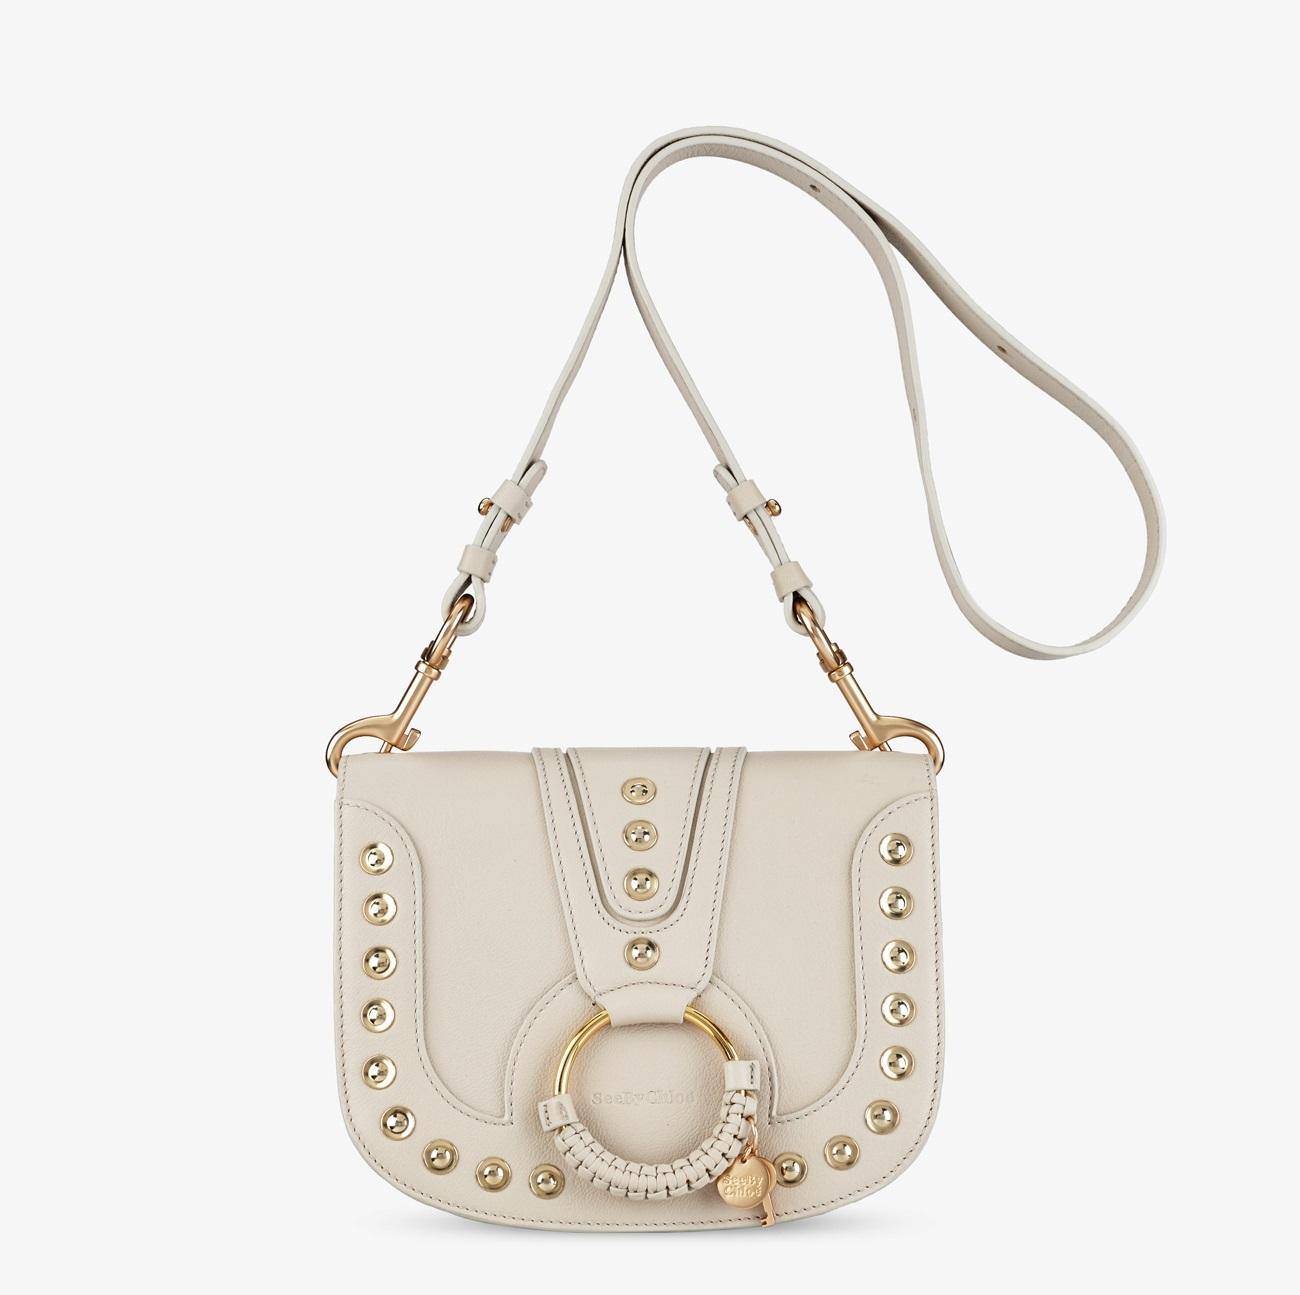 今年の誕生日プレゼントはコレ♡ シーバイクロエの大人可愛いバッグ「HANA」【20歳の記念】_1_1